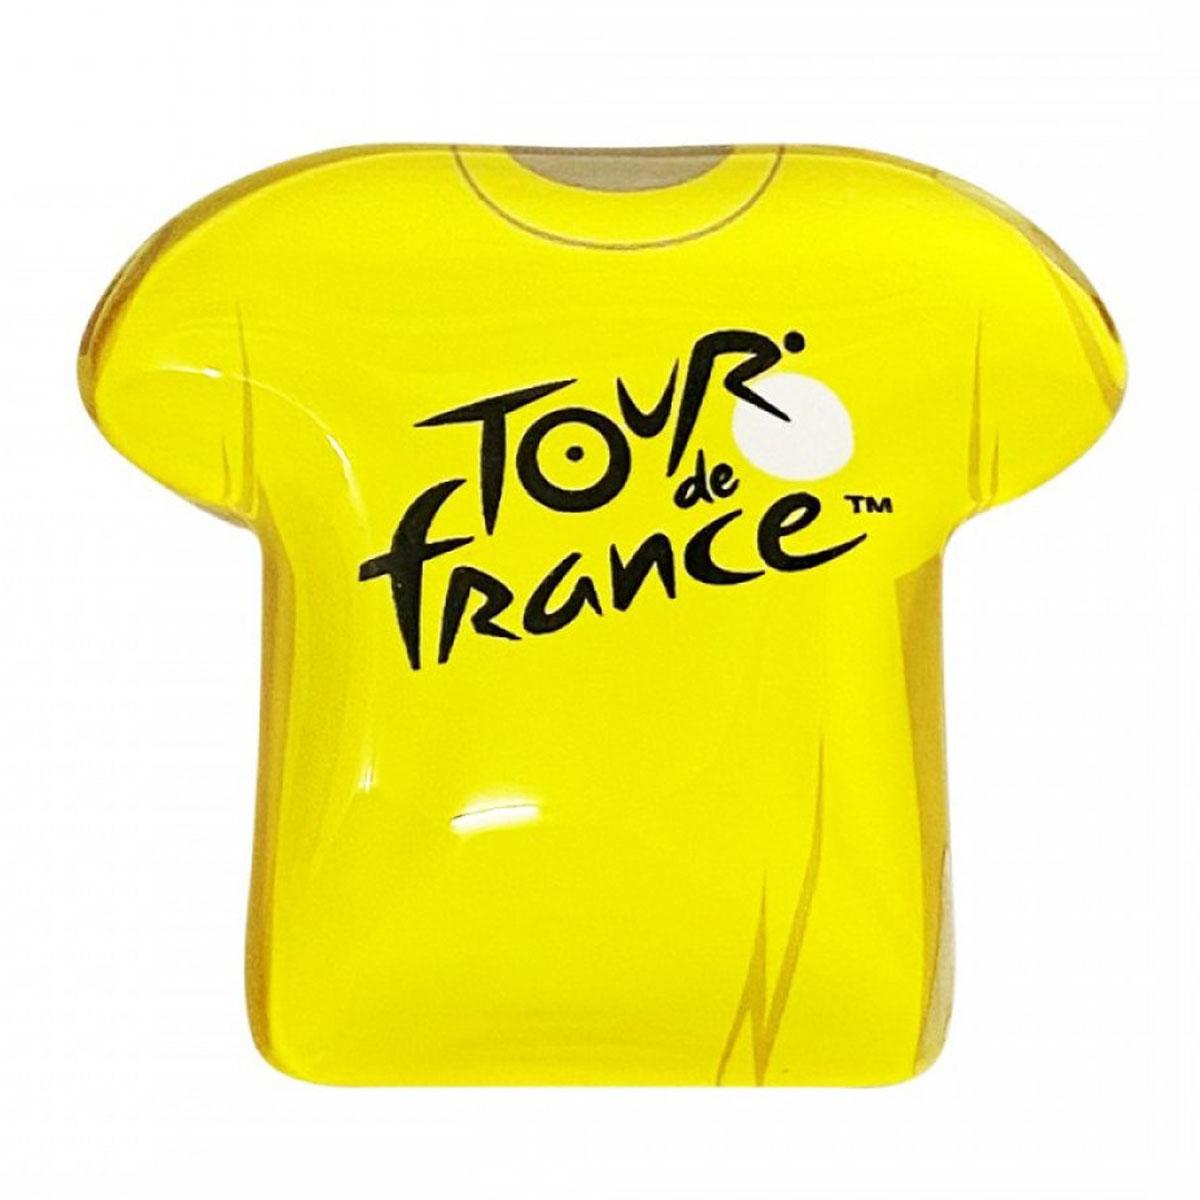 Magnet verre \'Tour de France\' maillot jaune - 55x50 mm - [A2838]